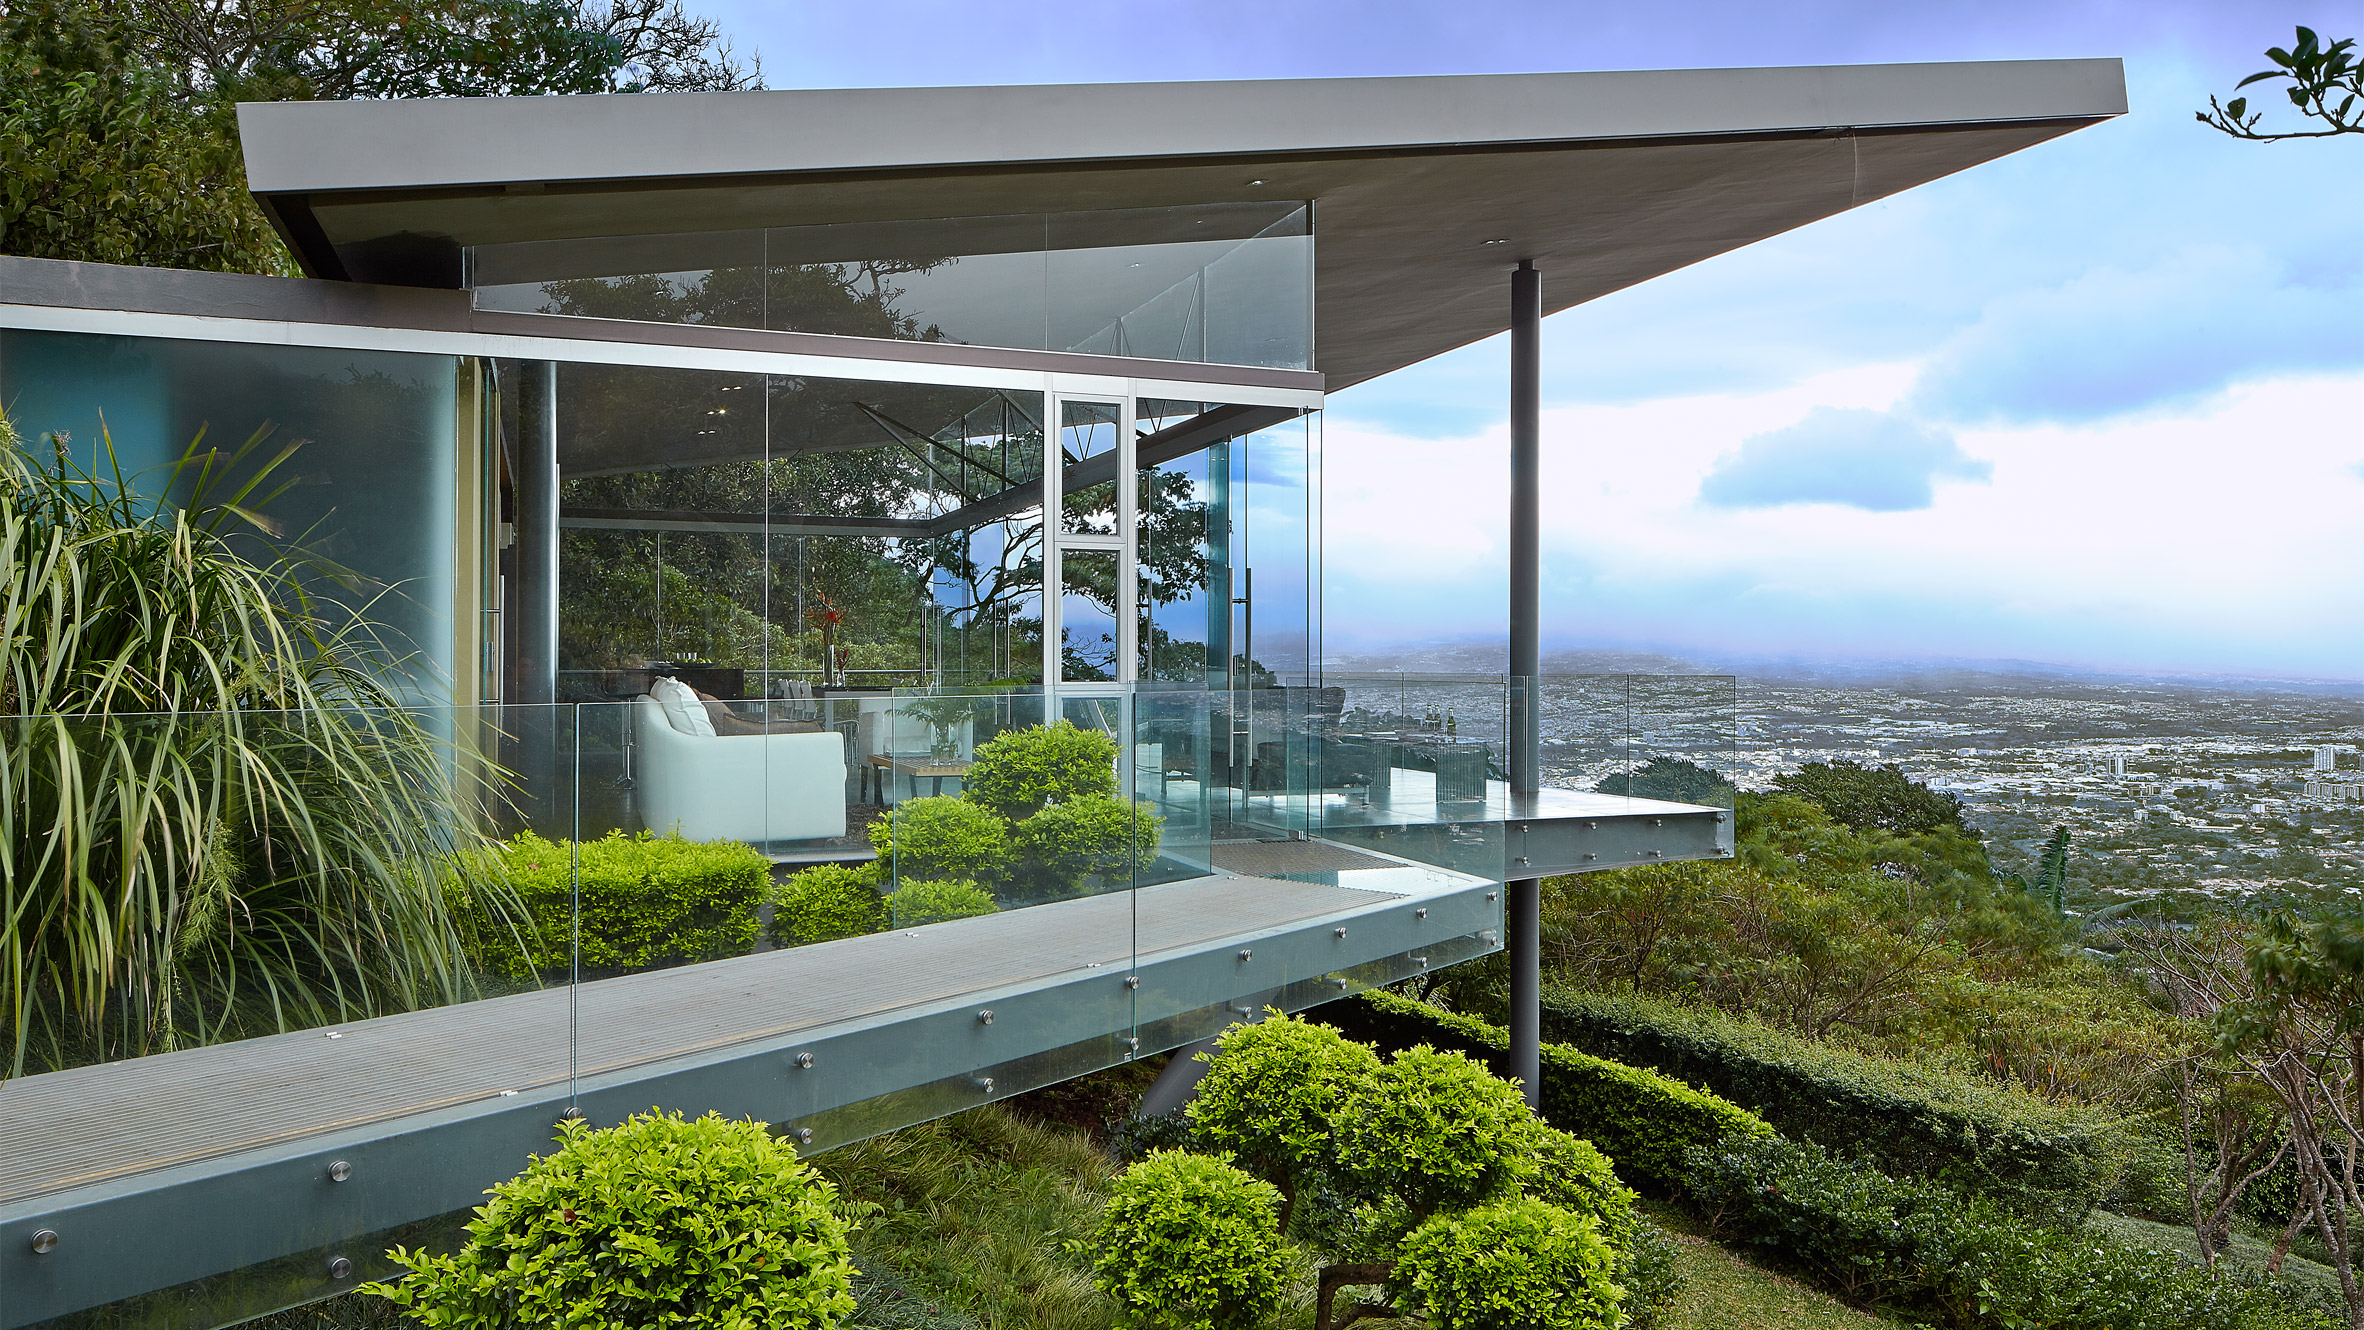 Estancia y Ficus by Cañas Arquitectos